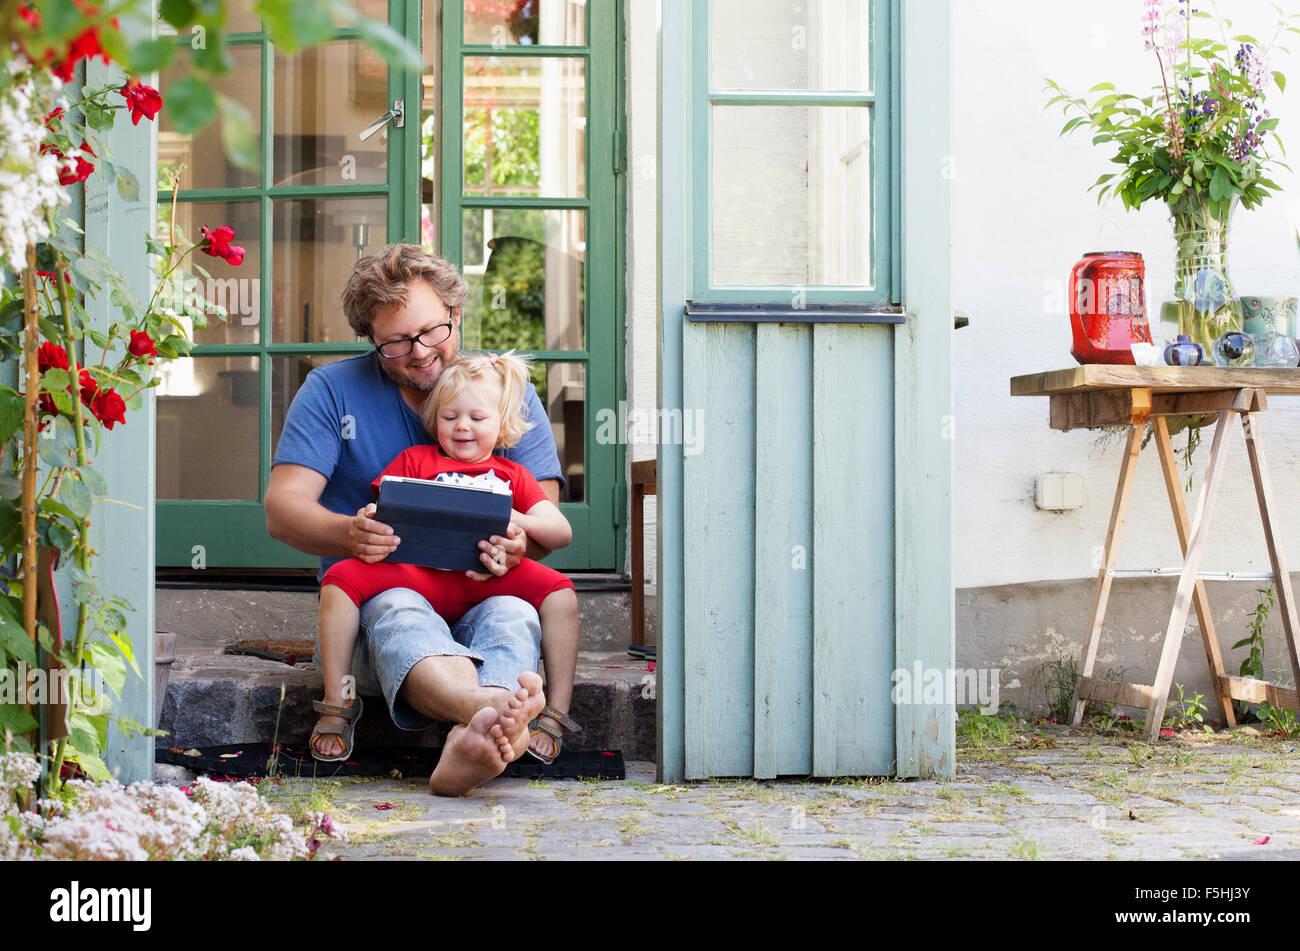 La Svezia, Skane, Mossby, figlia con padre seduta sul gradino di pietra e tenendo un tablet pc Immagini Stock